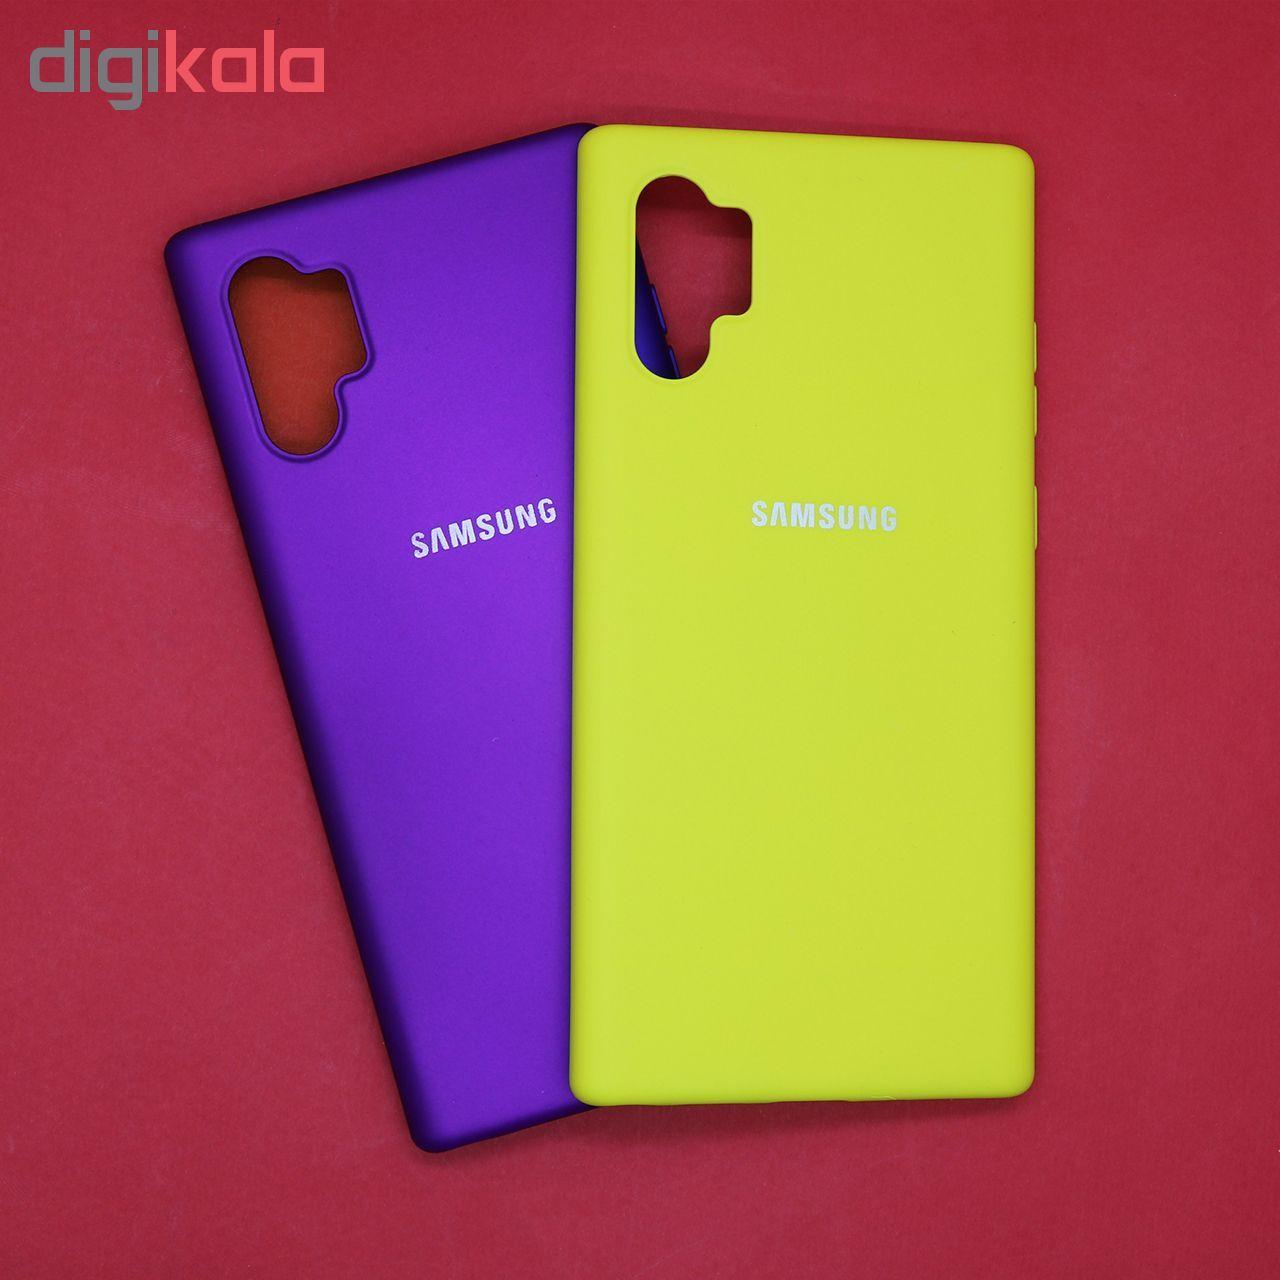 کاور مدل Sc-001 مناسب برای گوشی موبایل سامسونگ Galaxy Note 10 Plus main 1 4